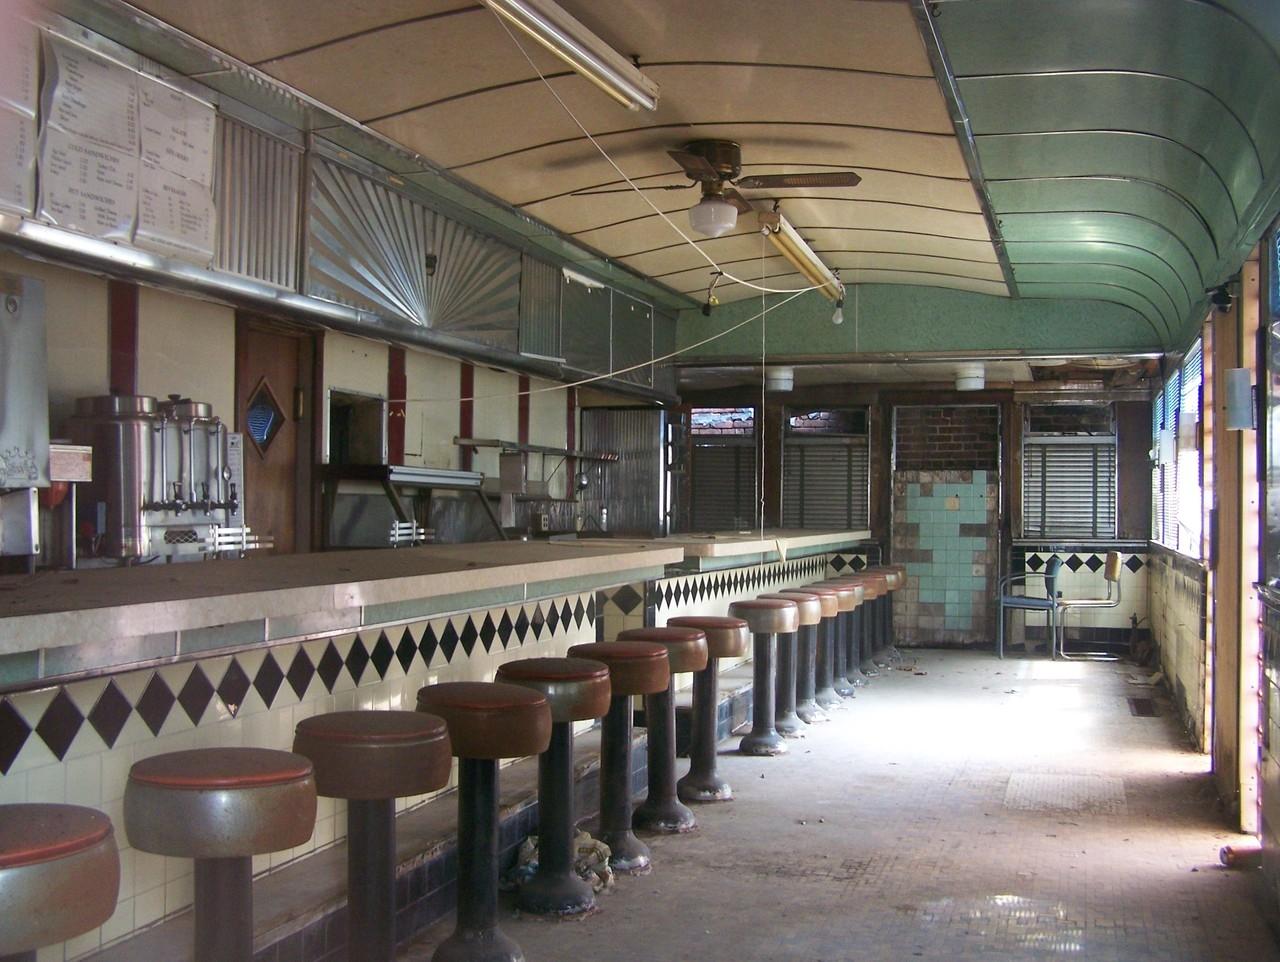 Abandoned Diner